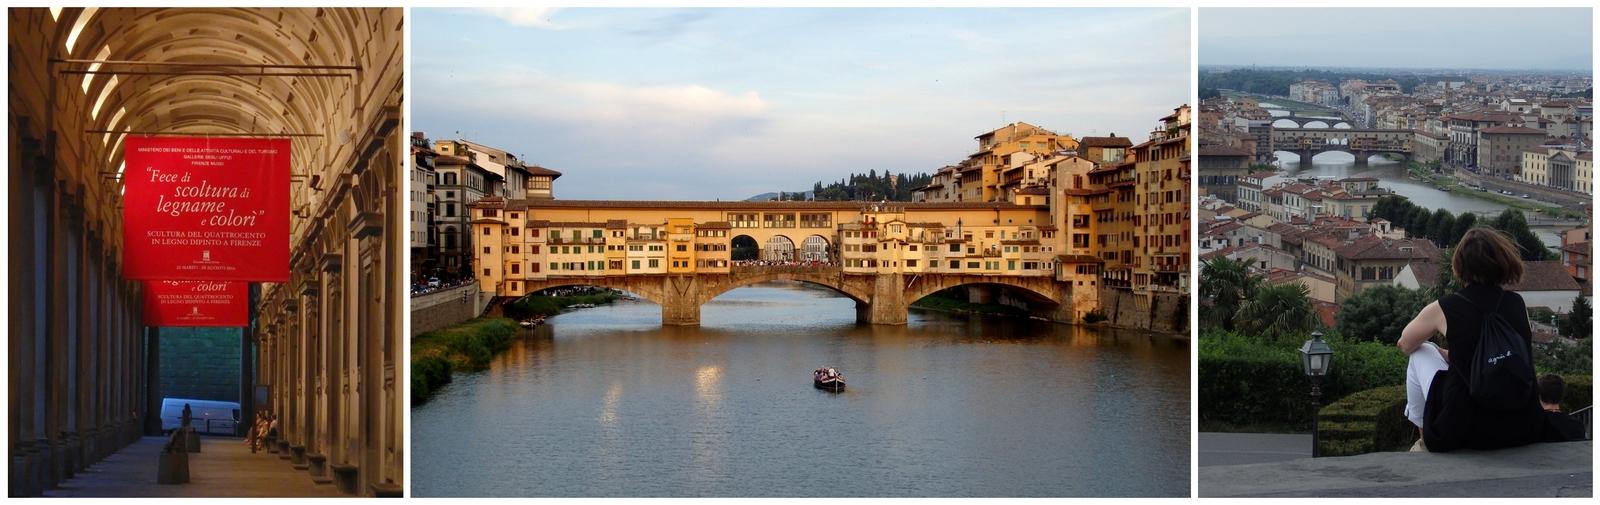 Firenze (Fotók: Hoffmann Tamás)